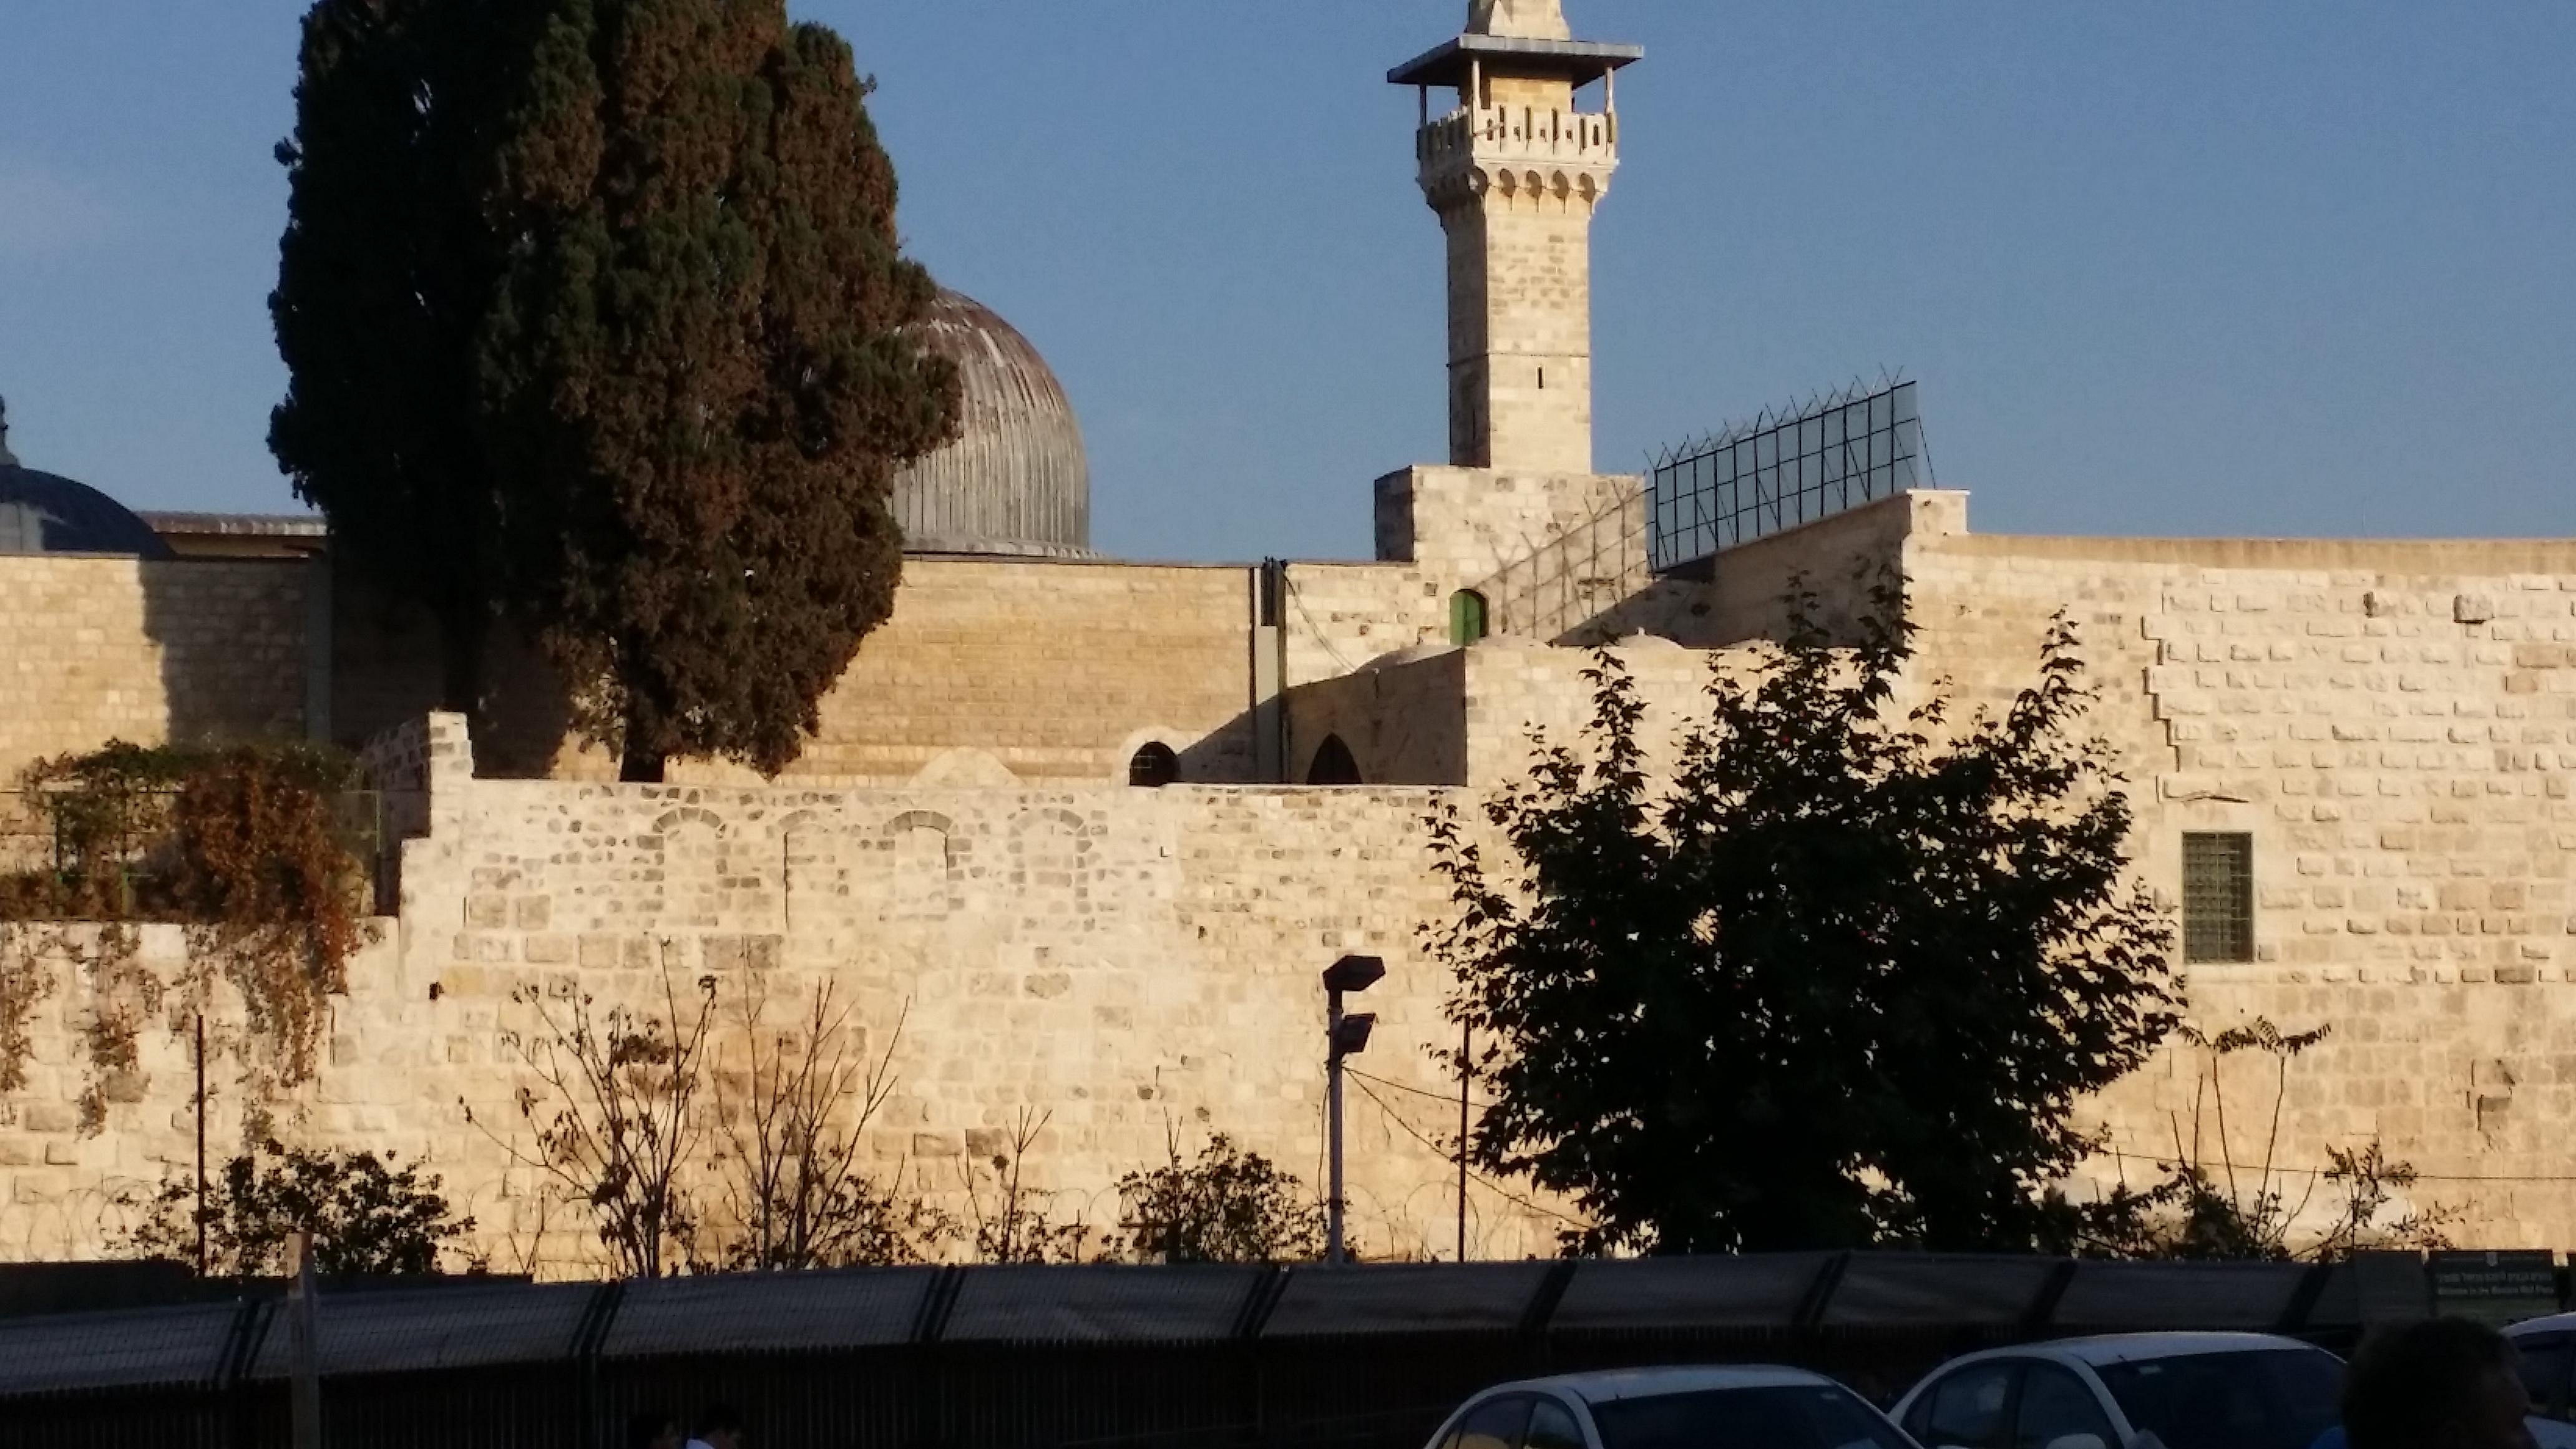 Моя неудавшаяся поездка в Израиль на Постоянное Место Жительства.